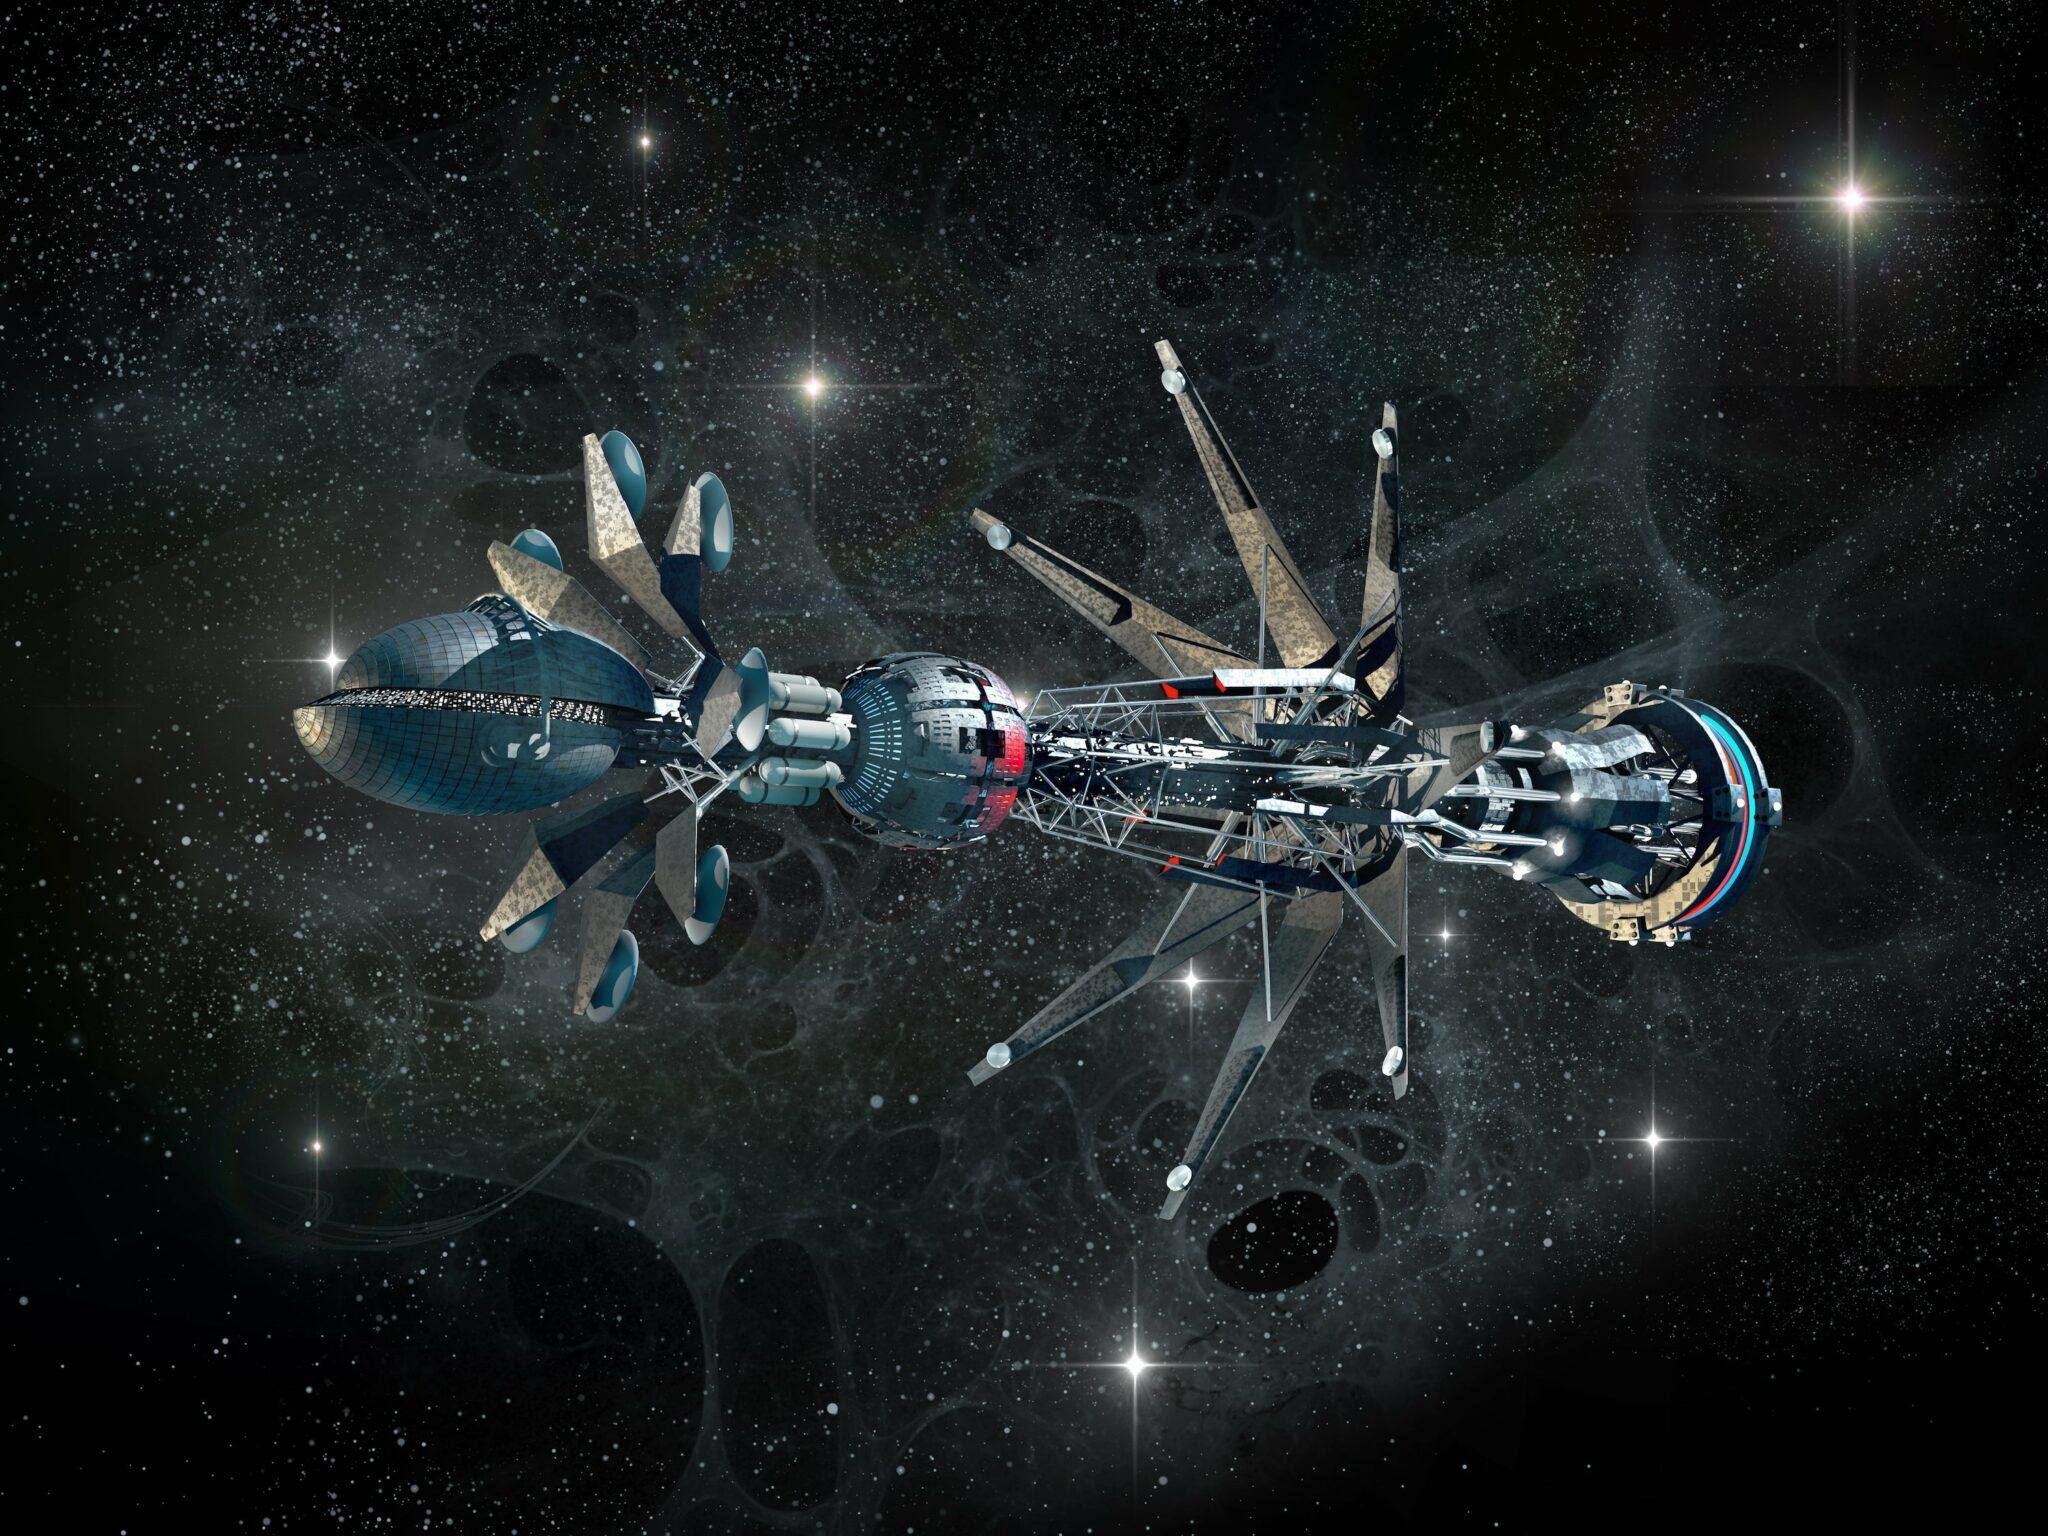 به دنبال یادبودهای میانستارهای: آیا میتوانیم زندگیمان را در فضا جاودان کنیم؟